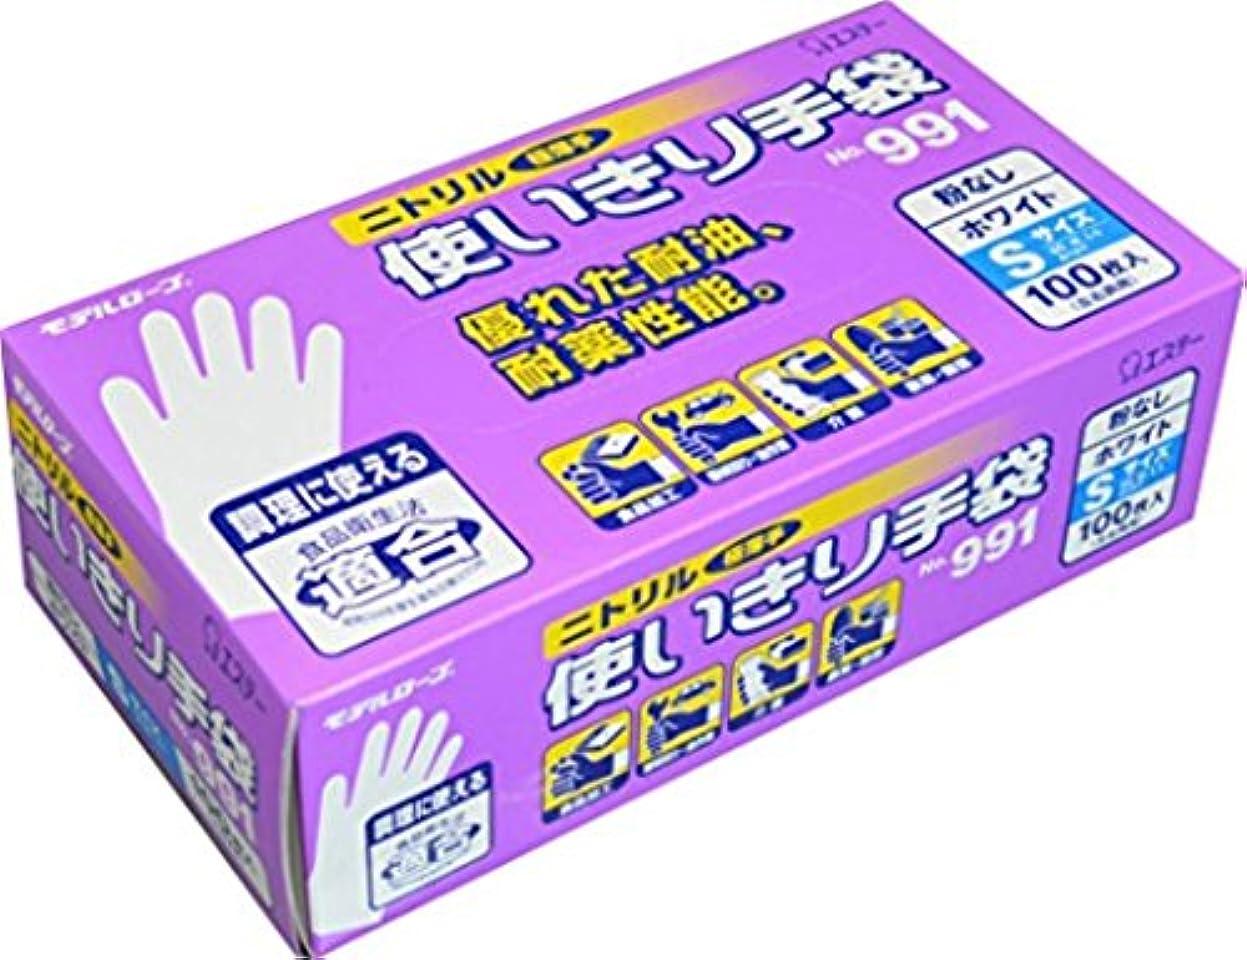 自伝パーティー遠い(まとめ買い)エステー ニトリル使いきり手袋粉無No.991ホワイトS 100枚【×2セット】